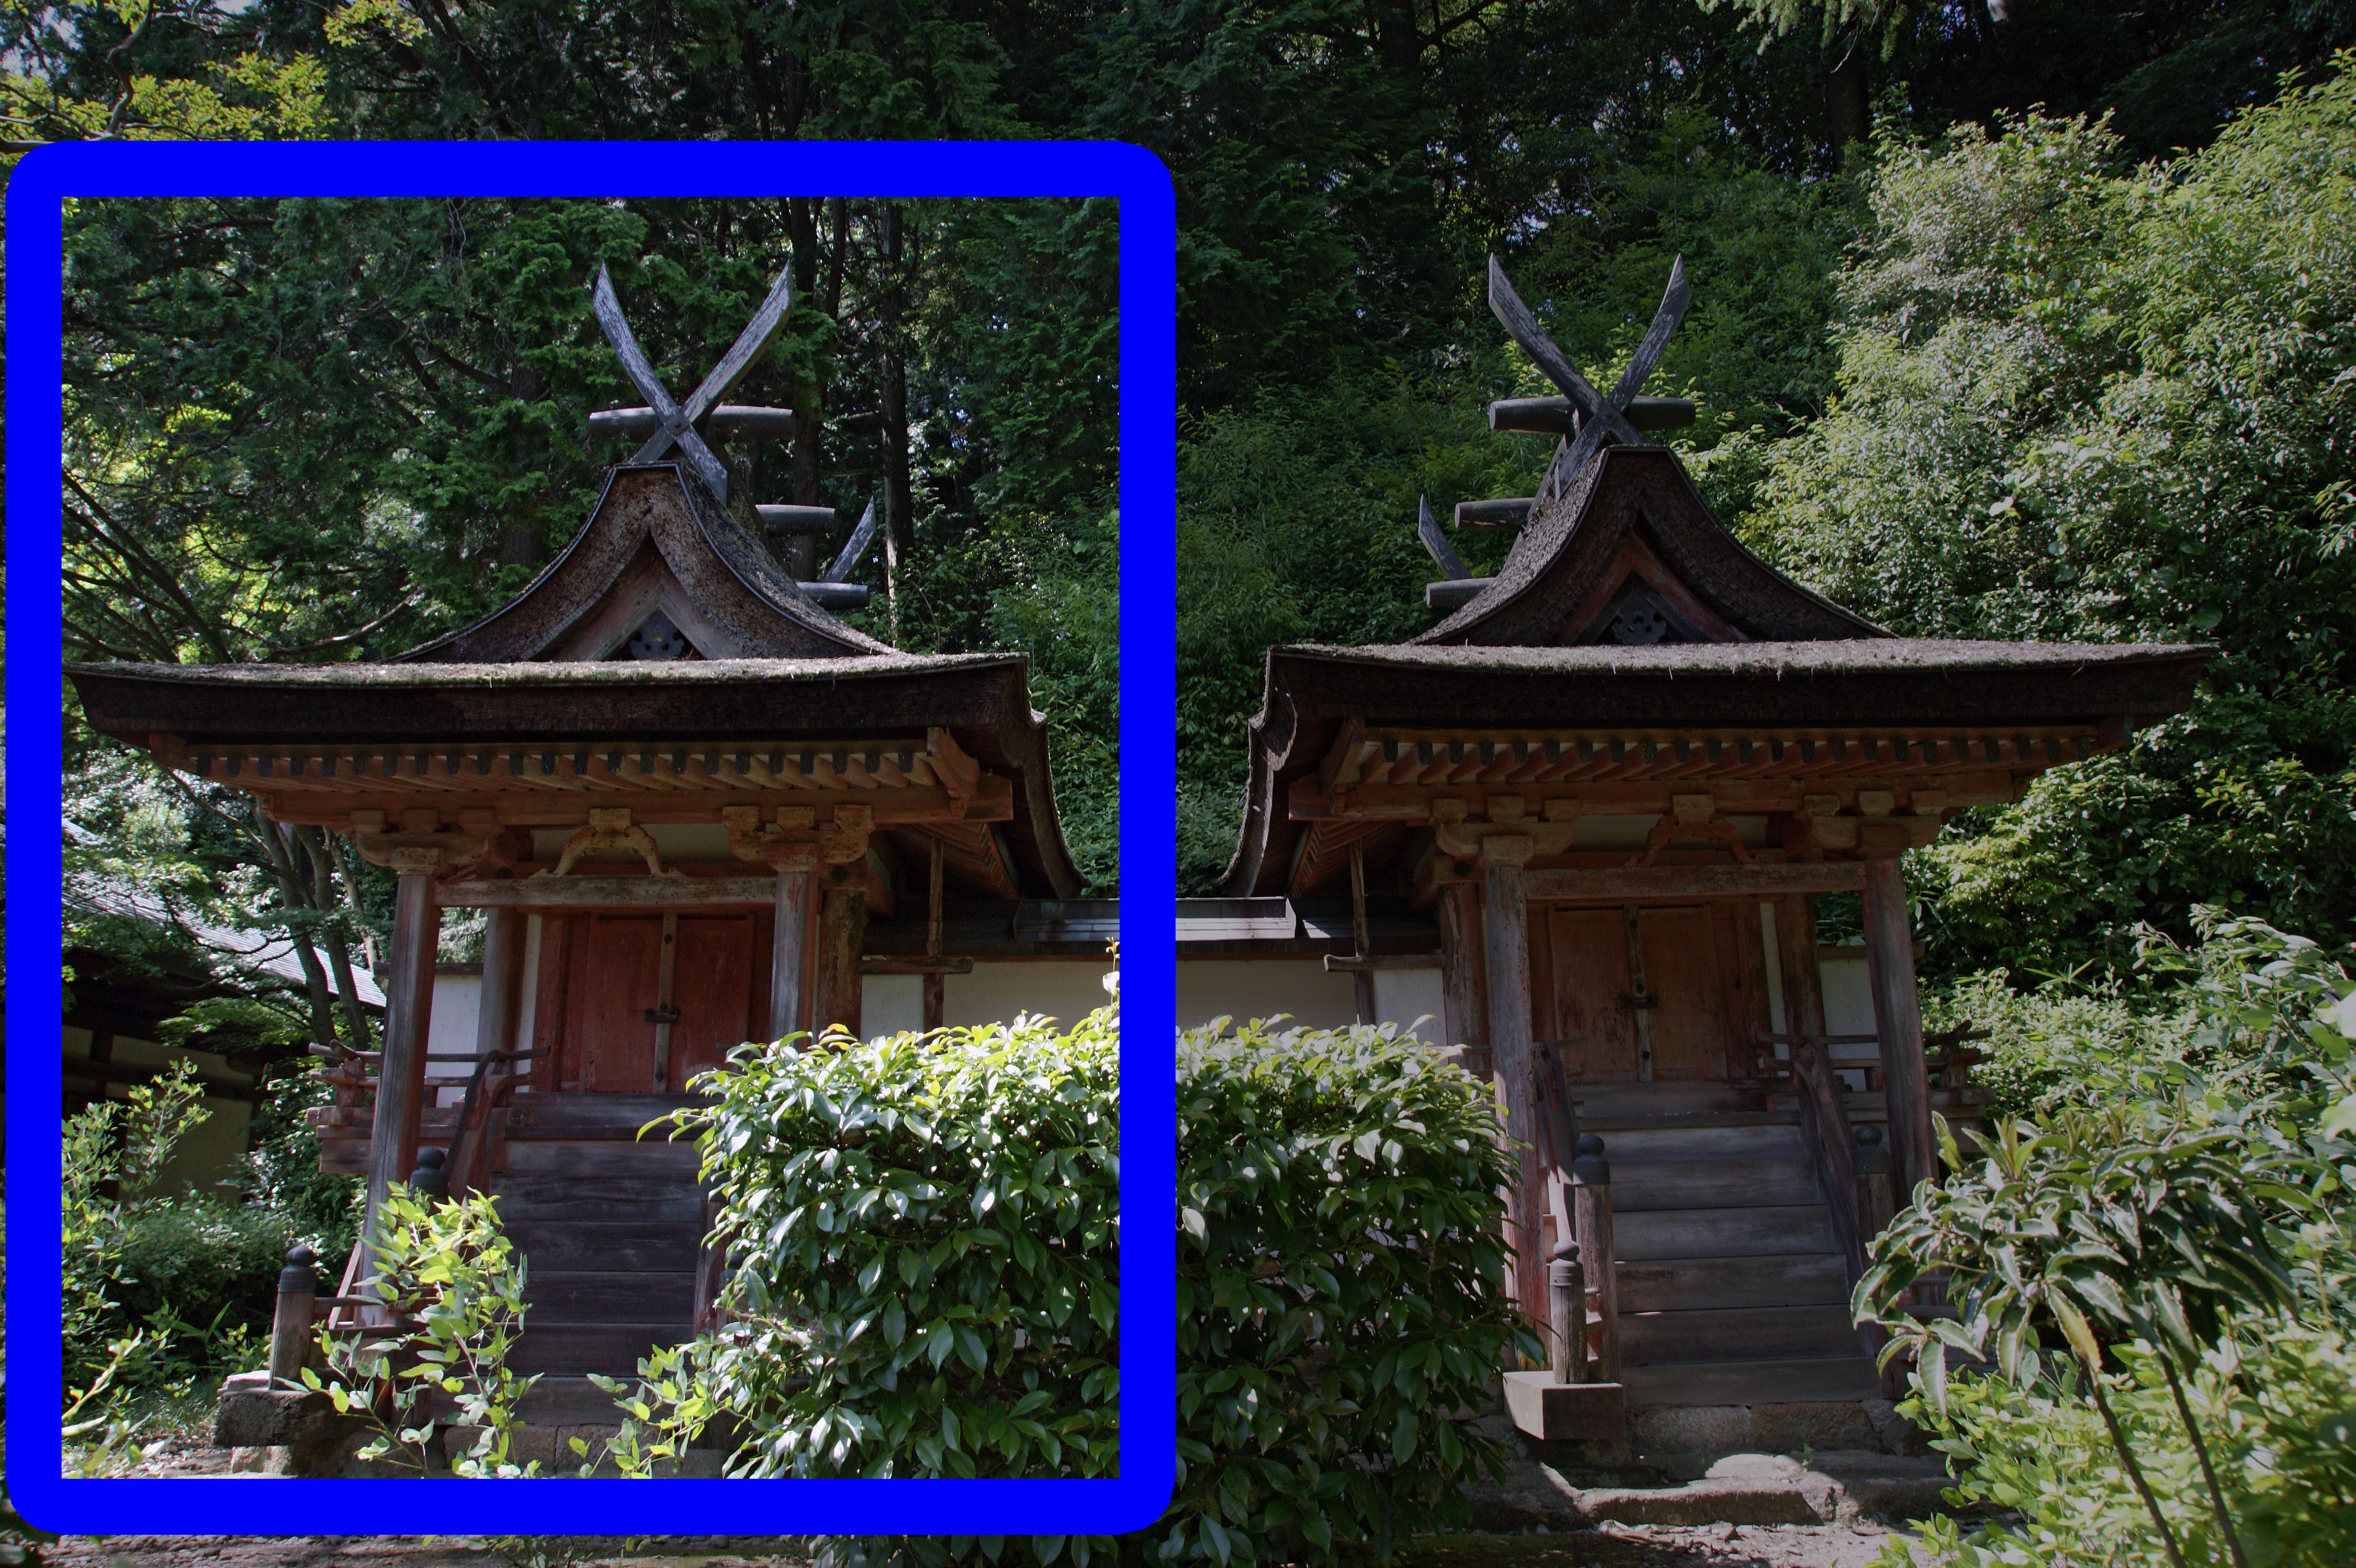 File:Enjoji Nara06s4592-focused-left.jpg - Wikimedia Commons